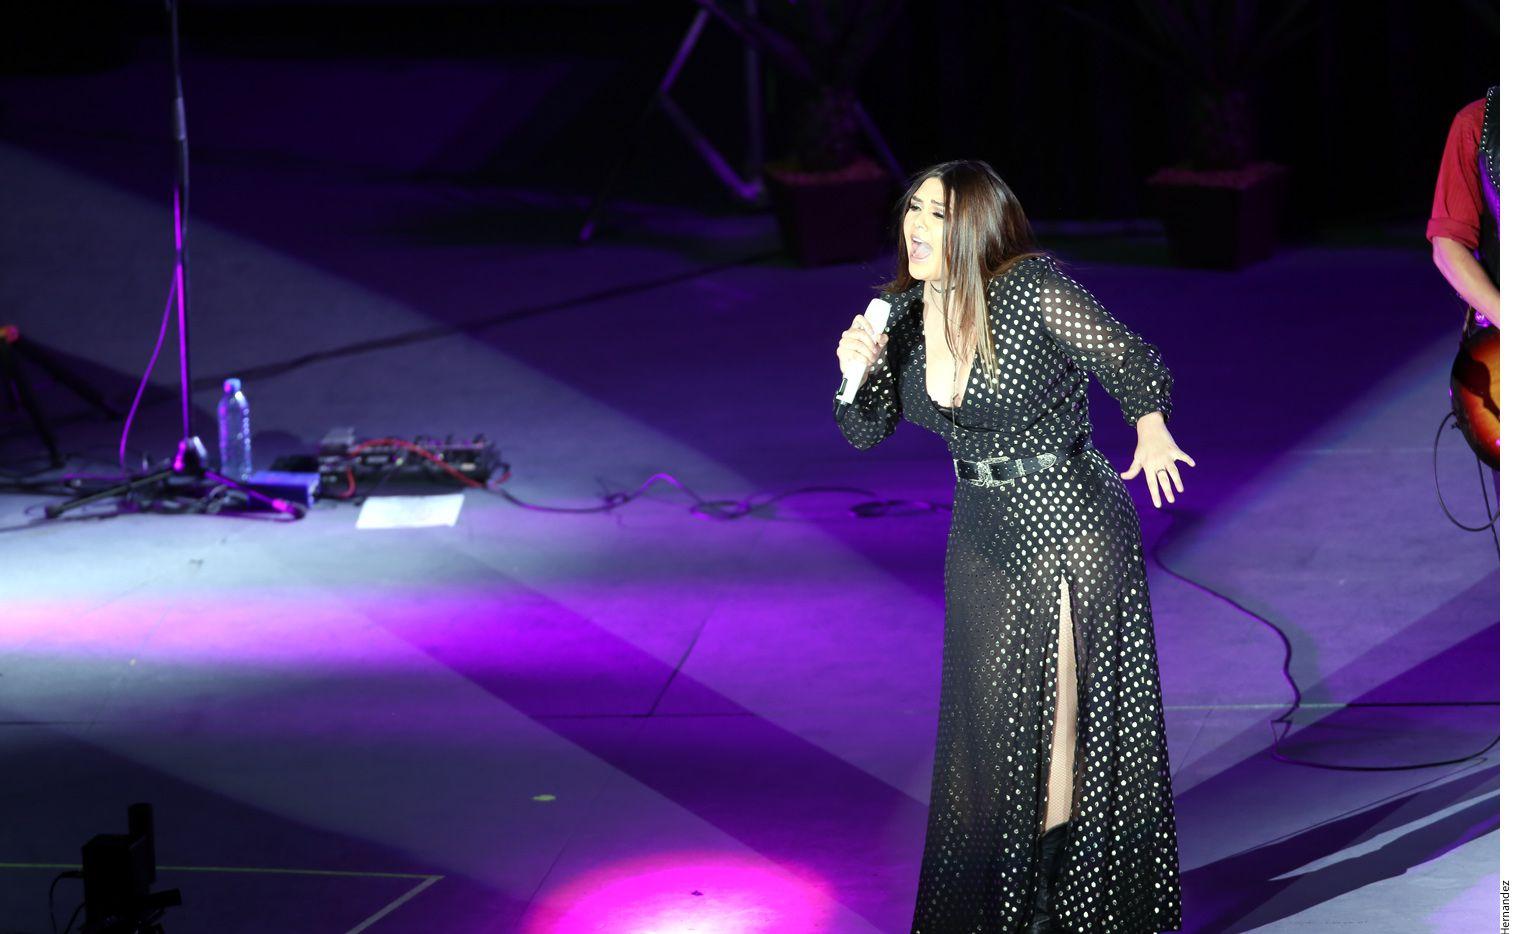 Yuridia se presenta el jueves en Dallas con su Desierto Tour. Foto Agencia Reforma